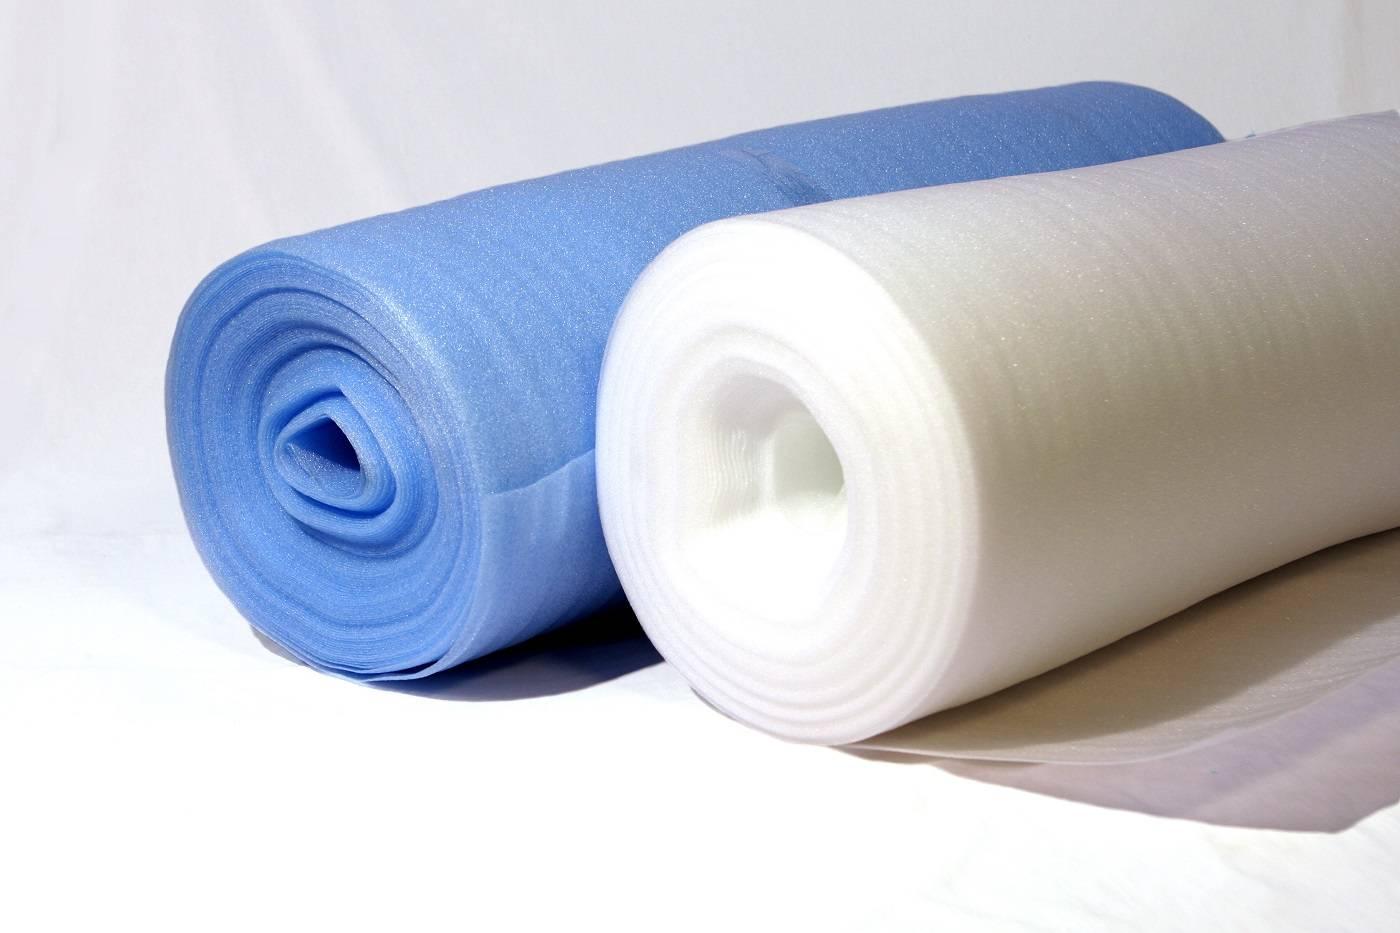 Утеплитель с фольгой: как называется, разнообразие фольгированных материалов, плюсы и минусы, особенности применения